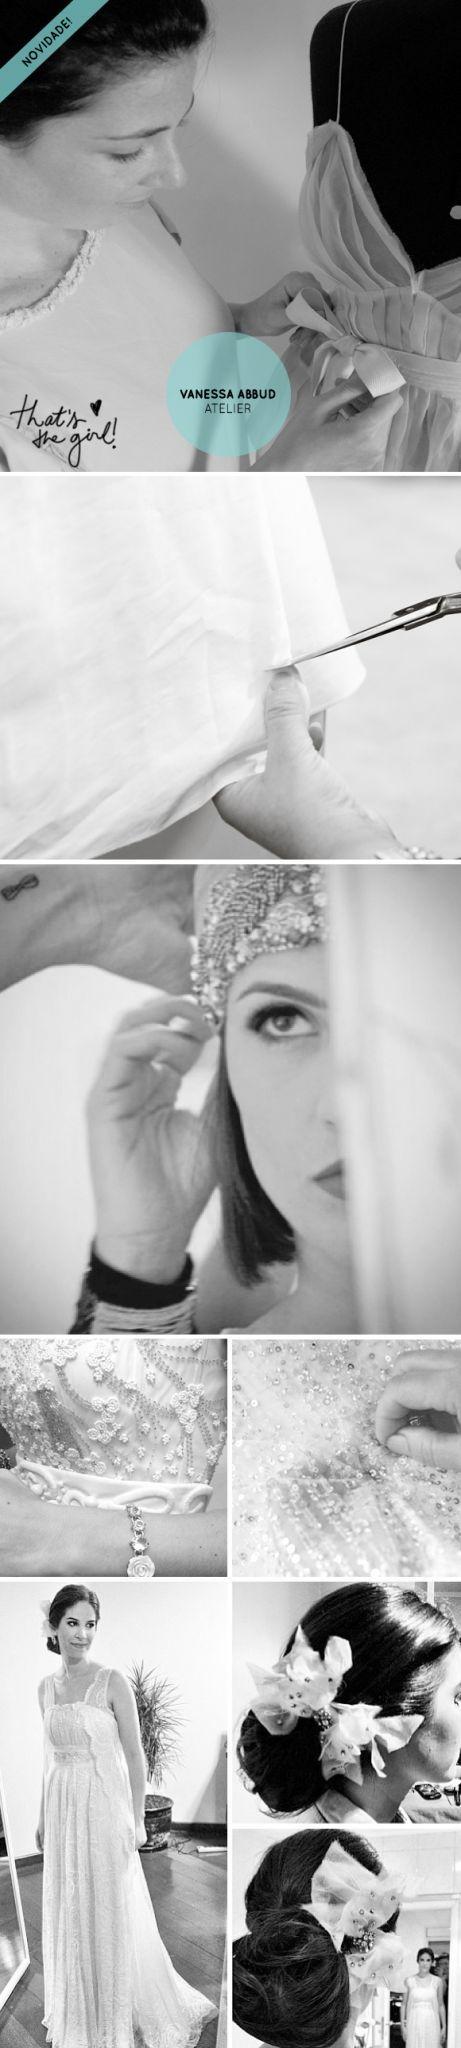 A super talentosa Vanessa Abbud acaba de abrir as portas do seu novo Atelier, onde cria vestidos de noiva e festa sob medida. Ainda em soft opening, mas trabalhando à todo vapor, acompanhe o Instagram da estilista para não perder nenhuma novidadade.